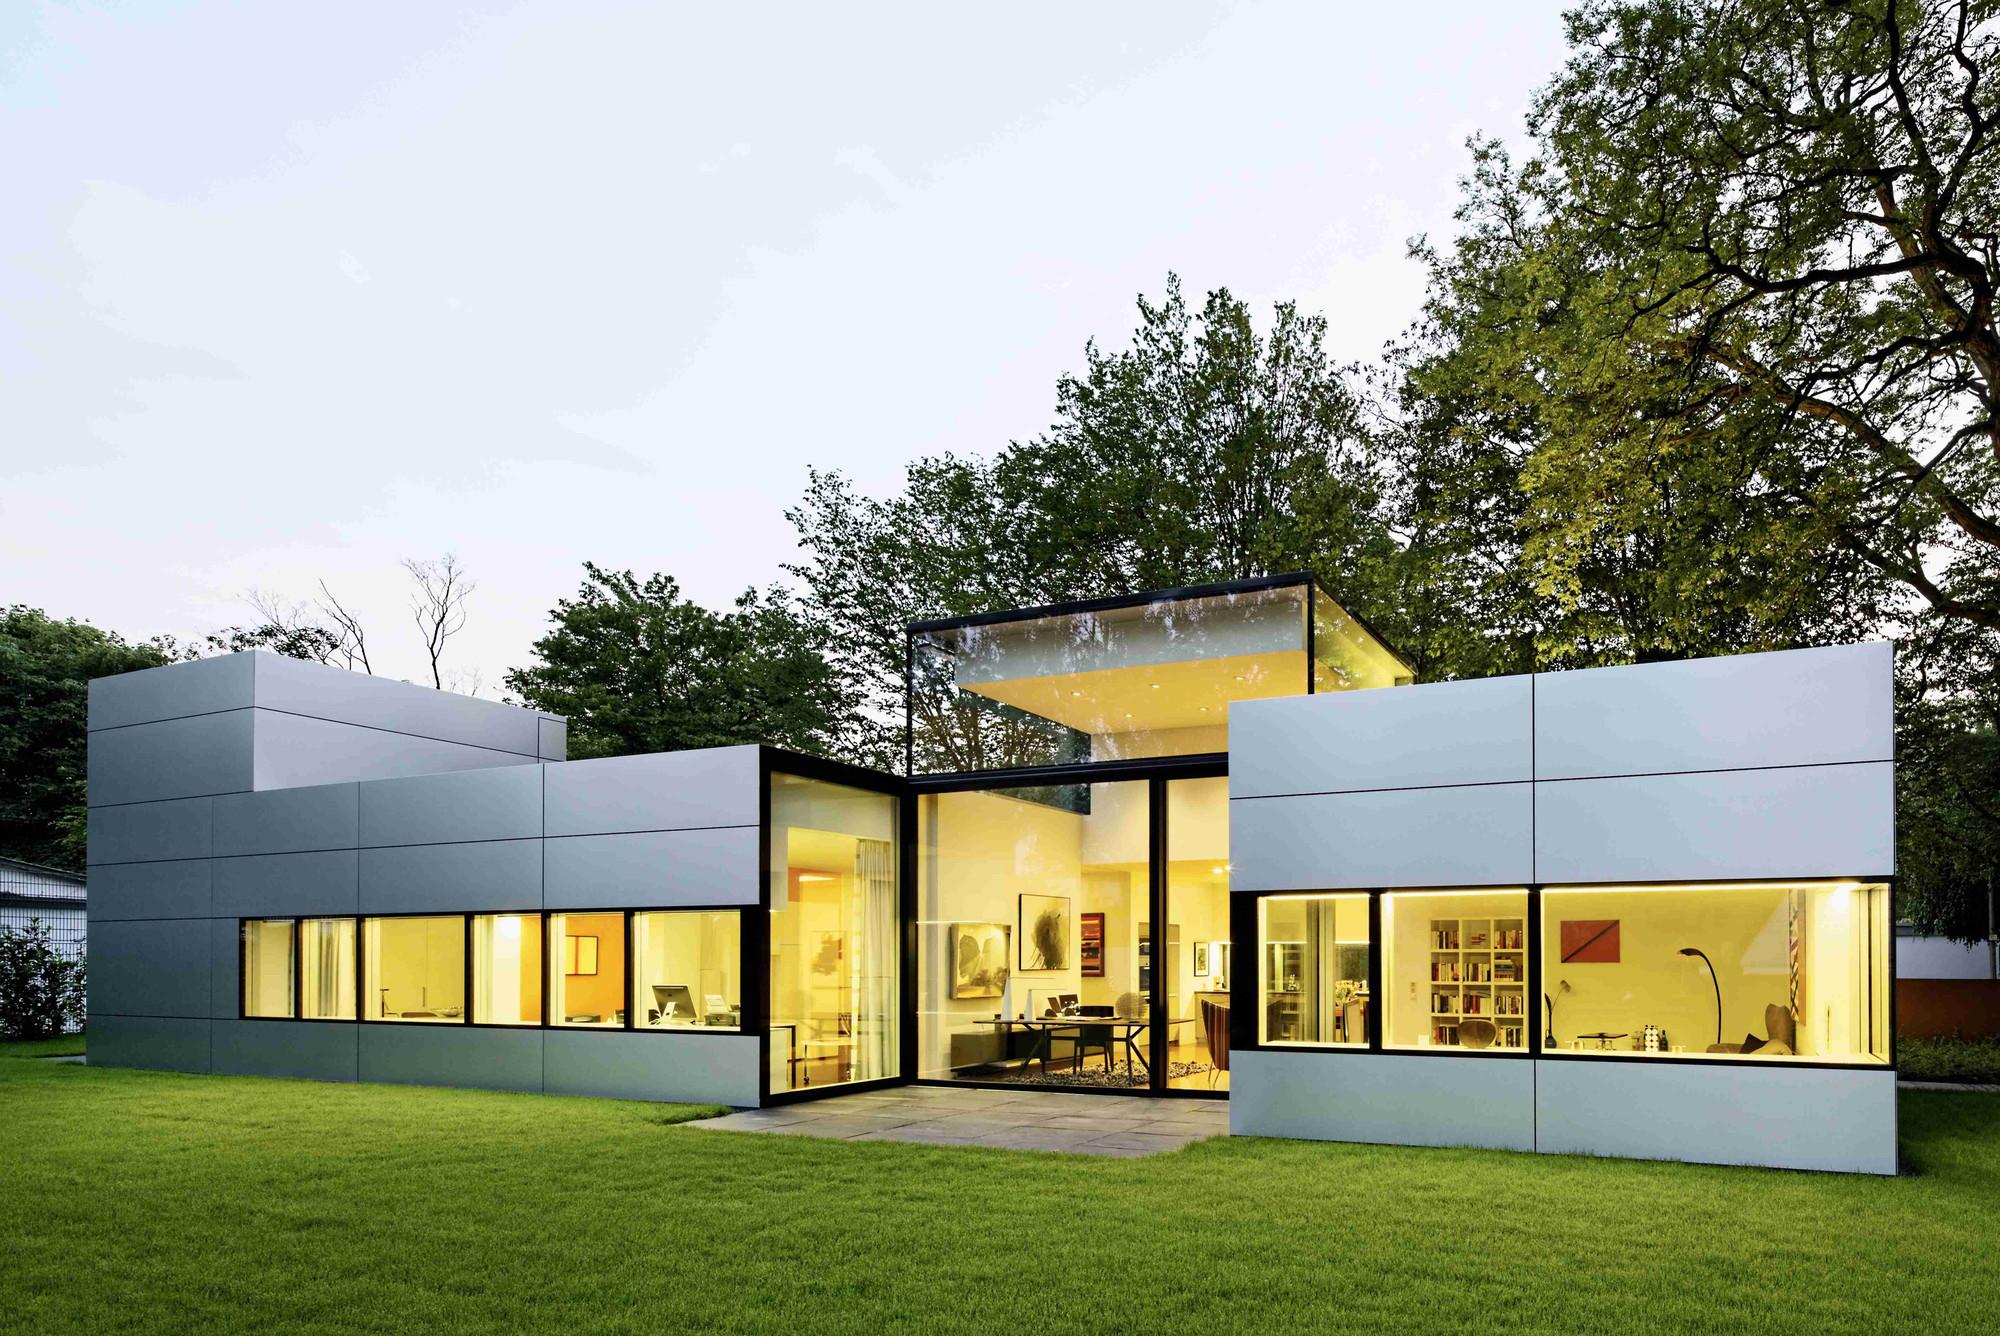 Haus Neufert  / Gatermann + Schossig, © Jens Willebrand